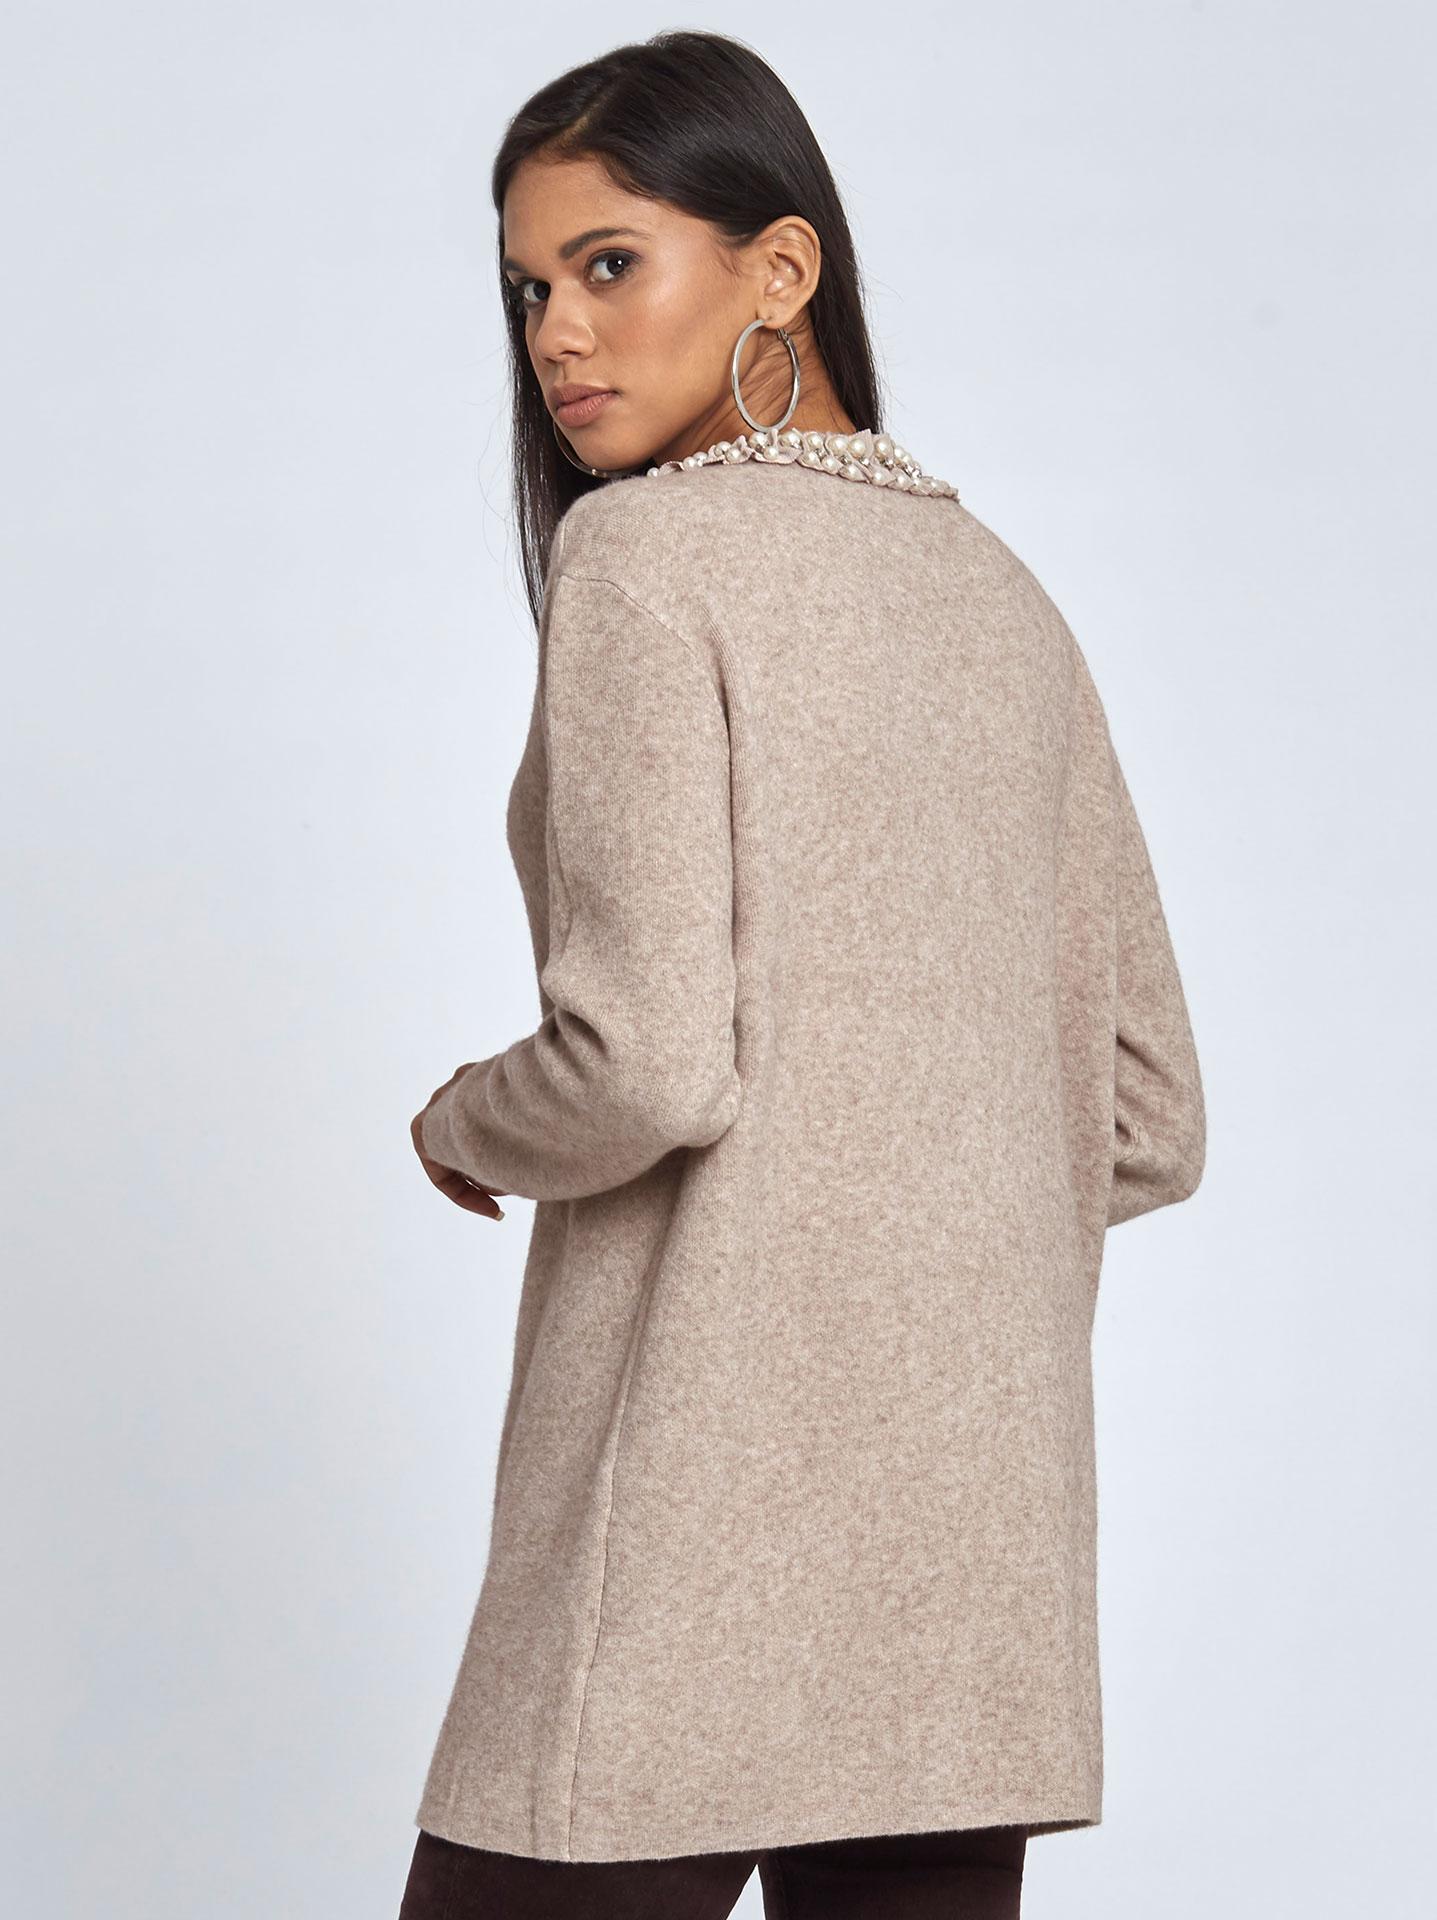 ea595a236be4 Μακρύ πουλόβερ με πέρλες και strass σε μπεζ